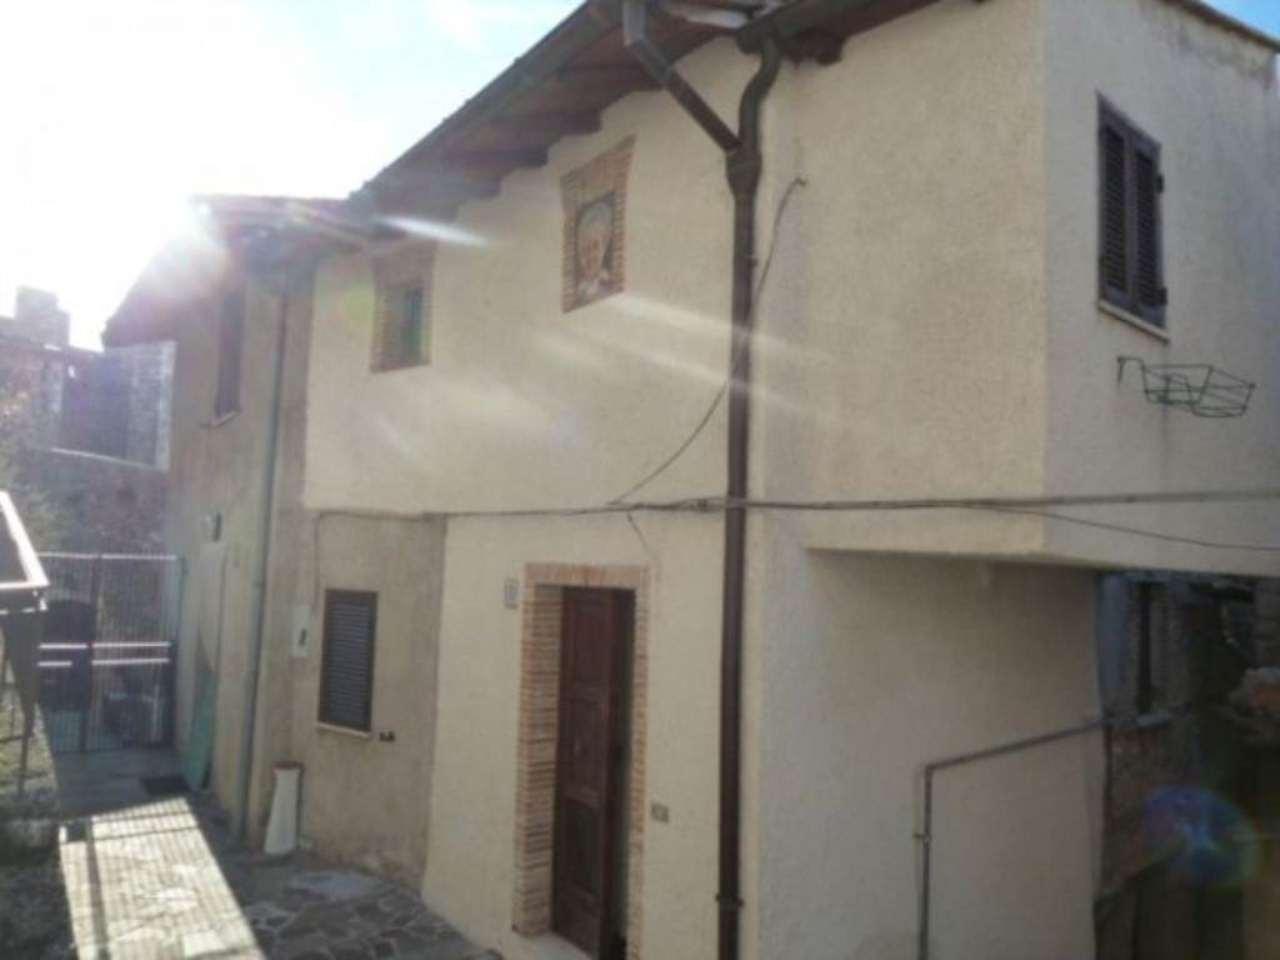 Soluzione Indipendente in vendita a Pereto, 3 locali, prezzo € 85.000 | Cambio Casa.it